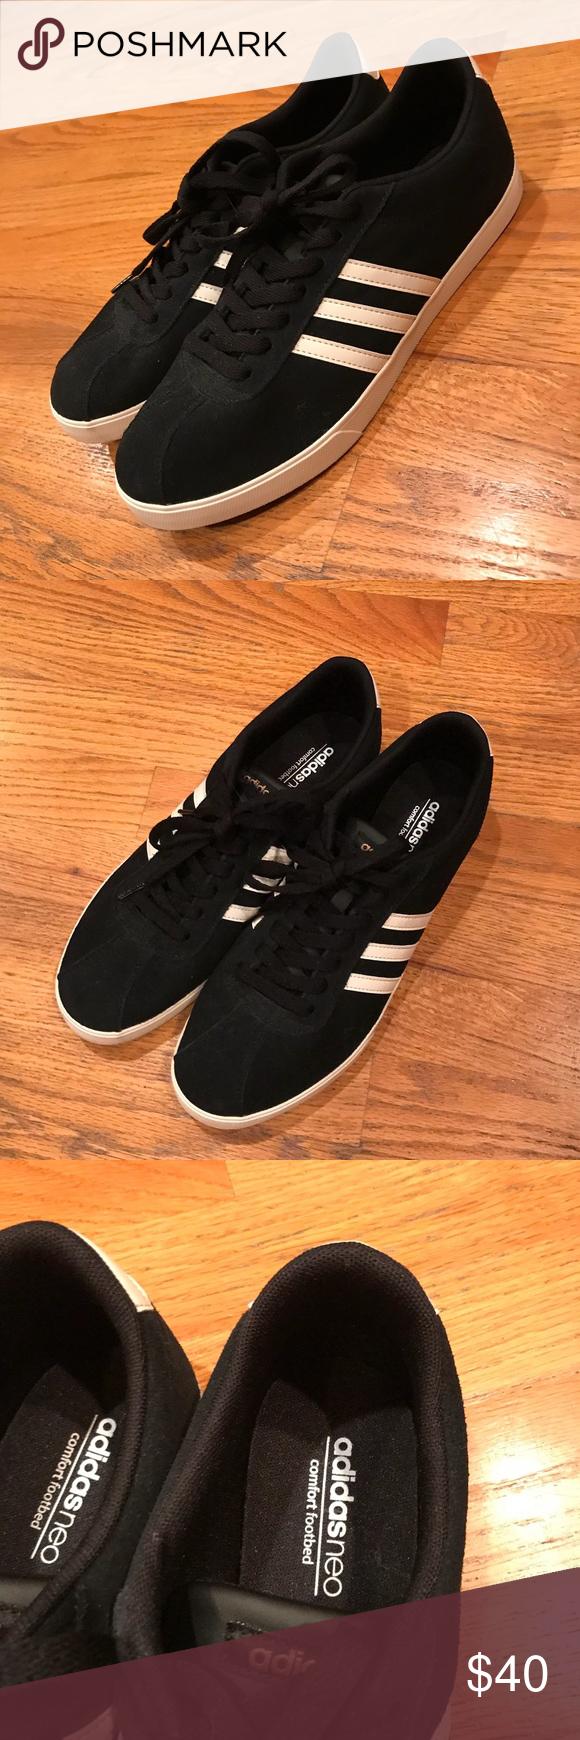 adidas neo courtset occasionale delle scarpe casual da ginnastica 11